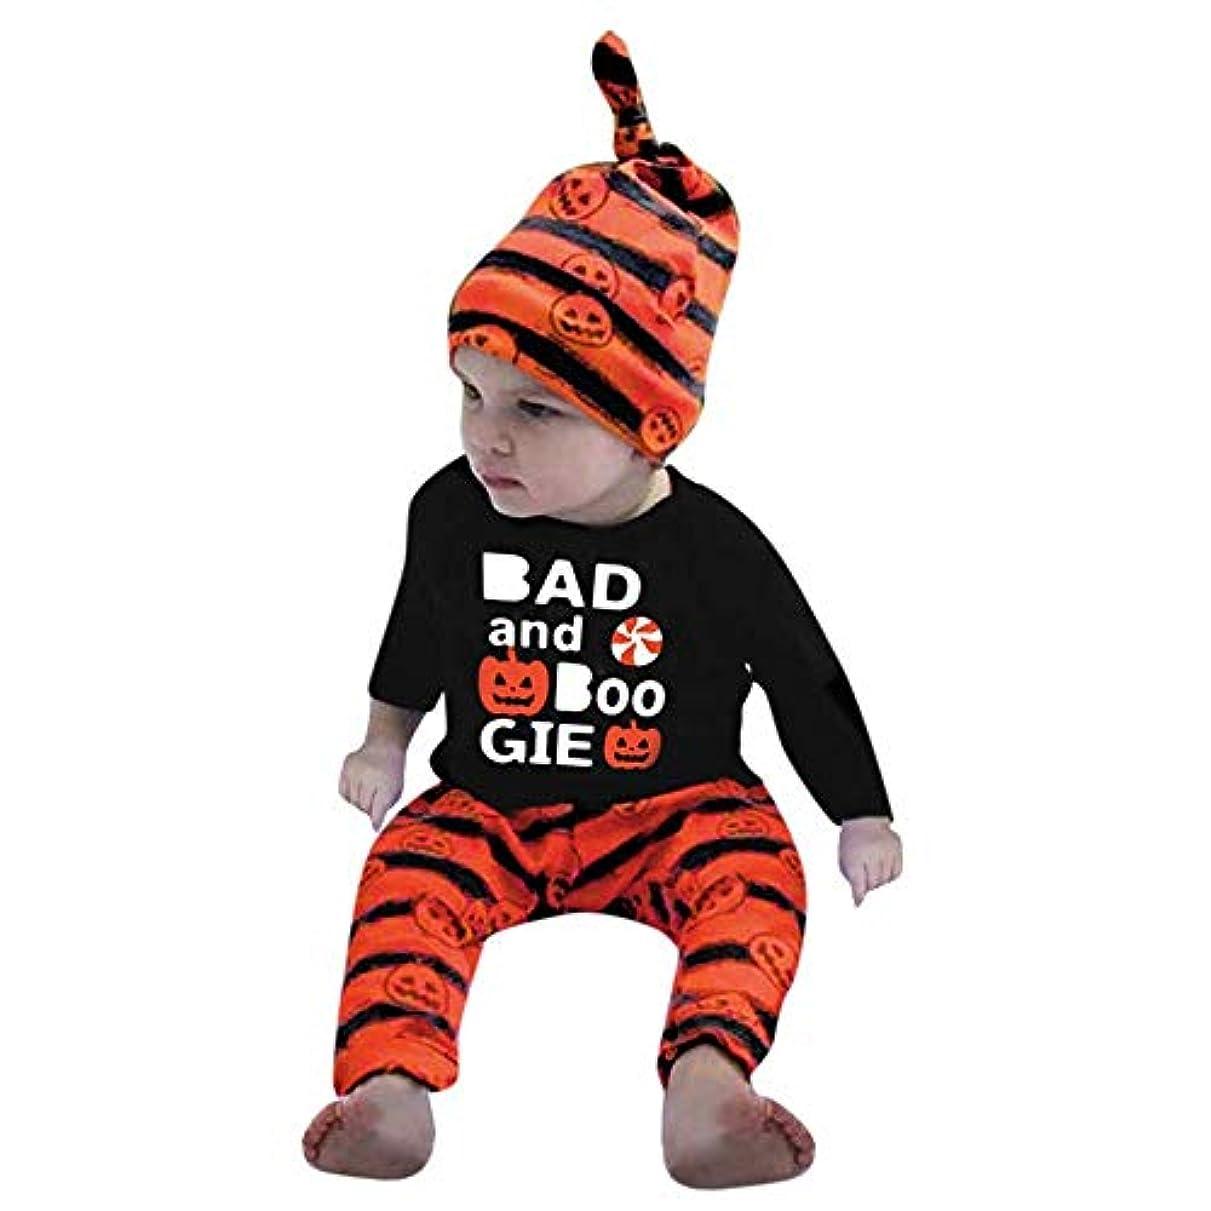 こどもセンターに賛成七面鳥BHKK 幼児少年少女ロングスリーブプリントハロウィーンパンプキントップ+ストリップパンツ 3ヶ月 - 24ヶ月